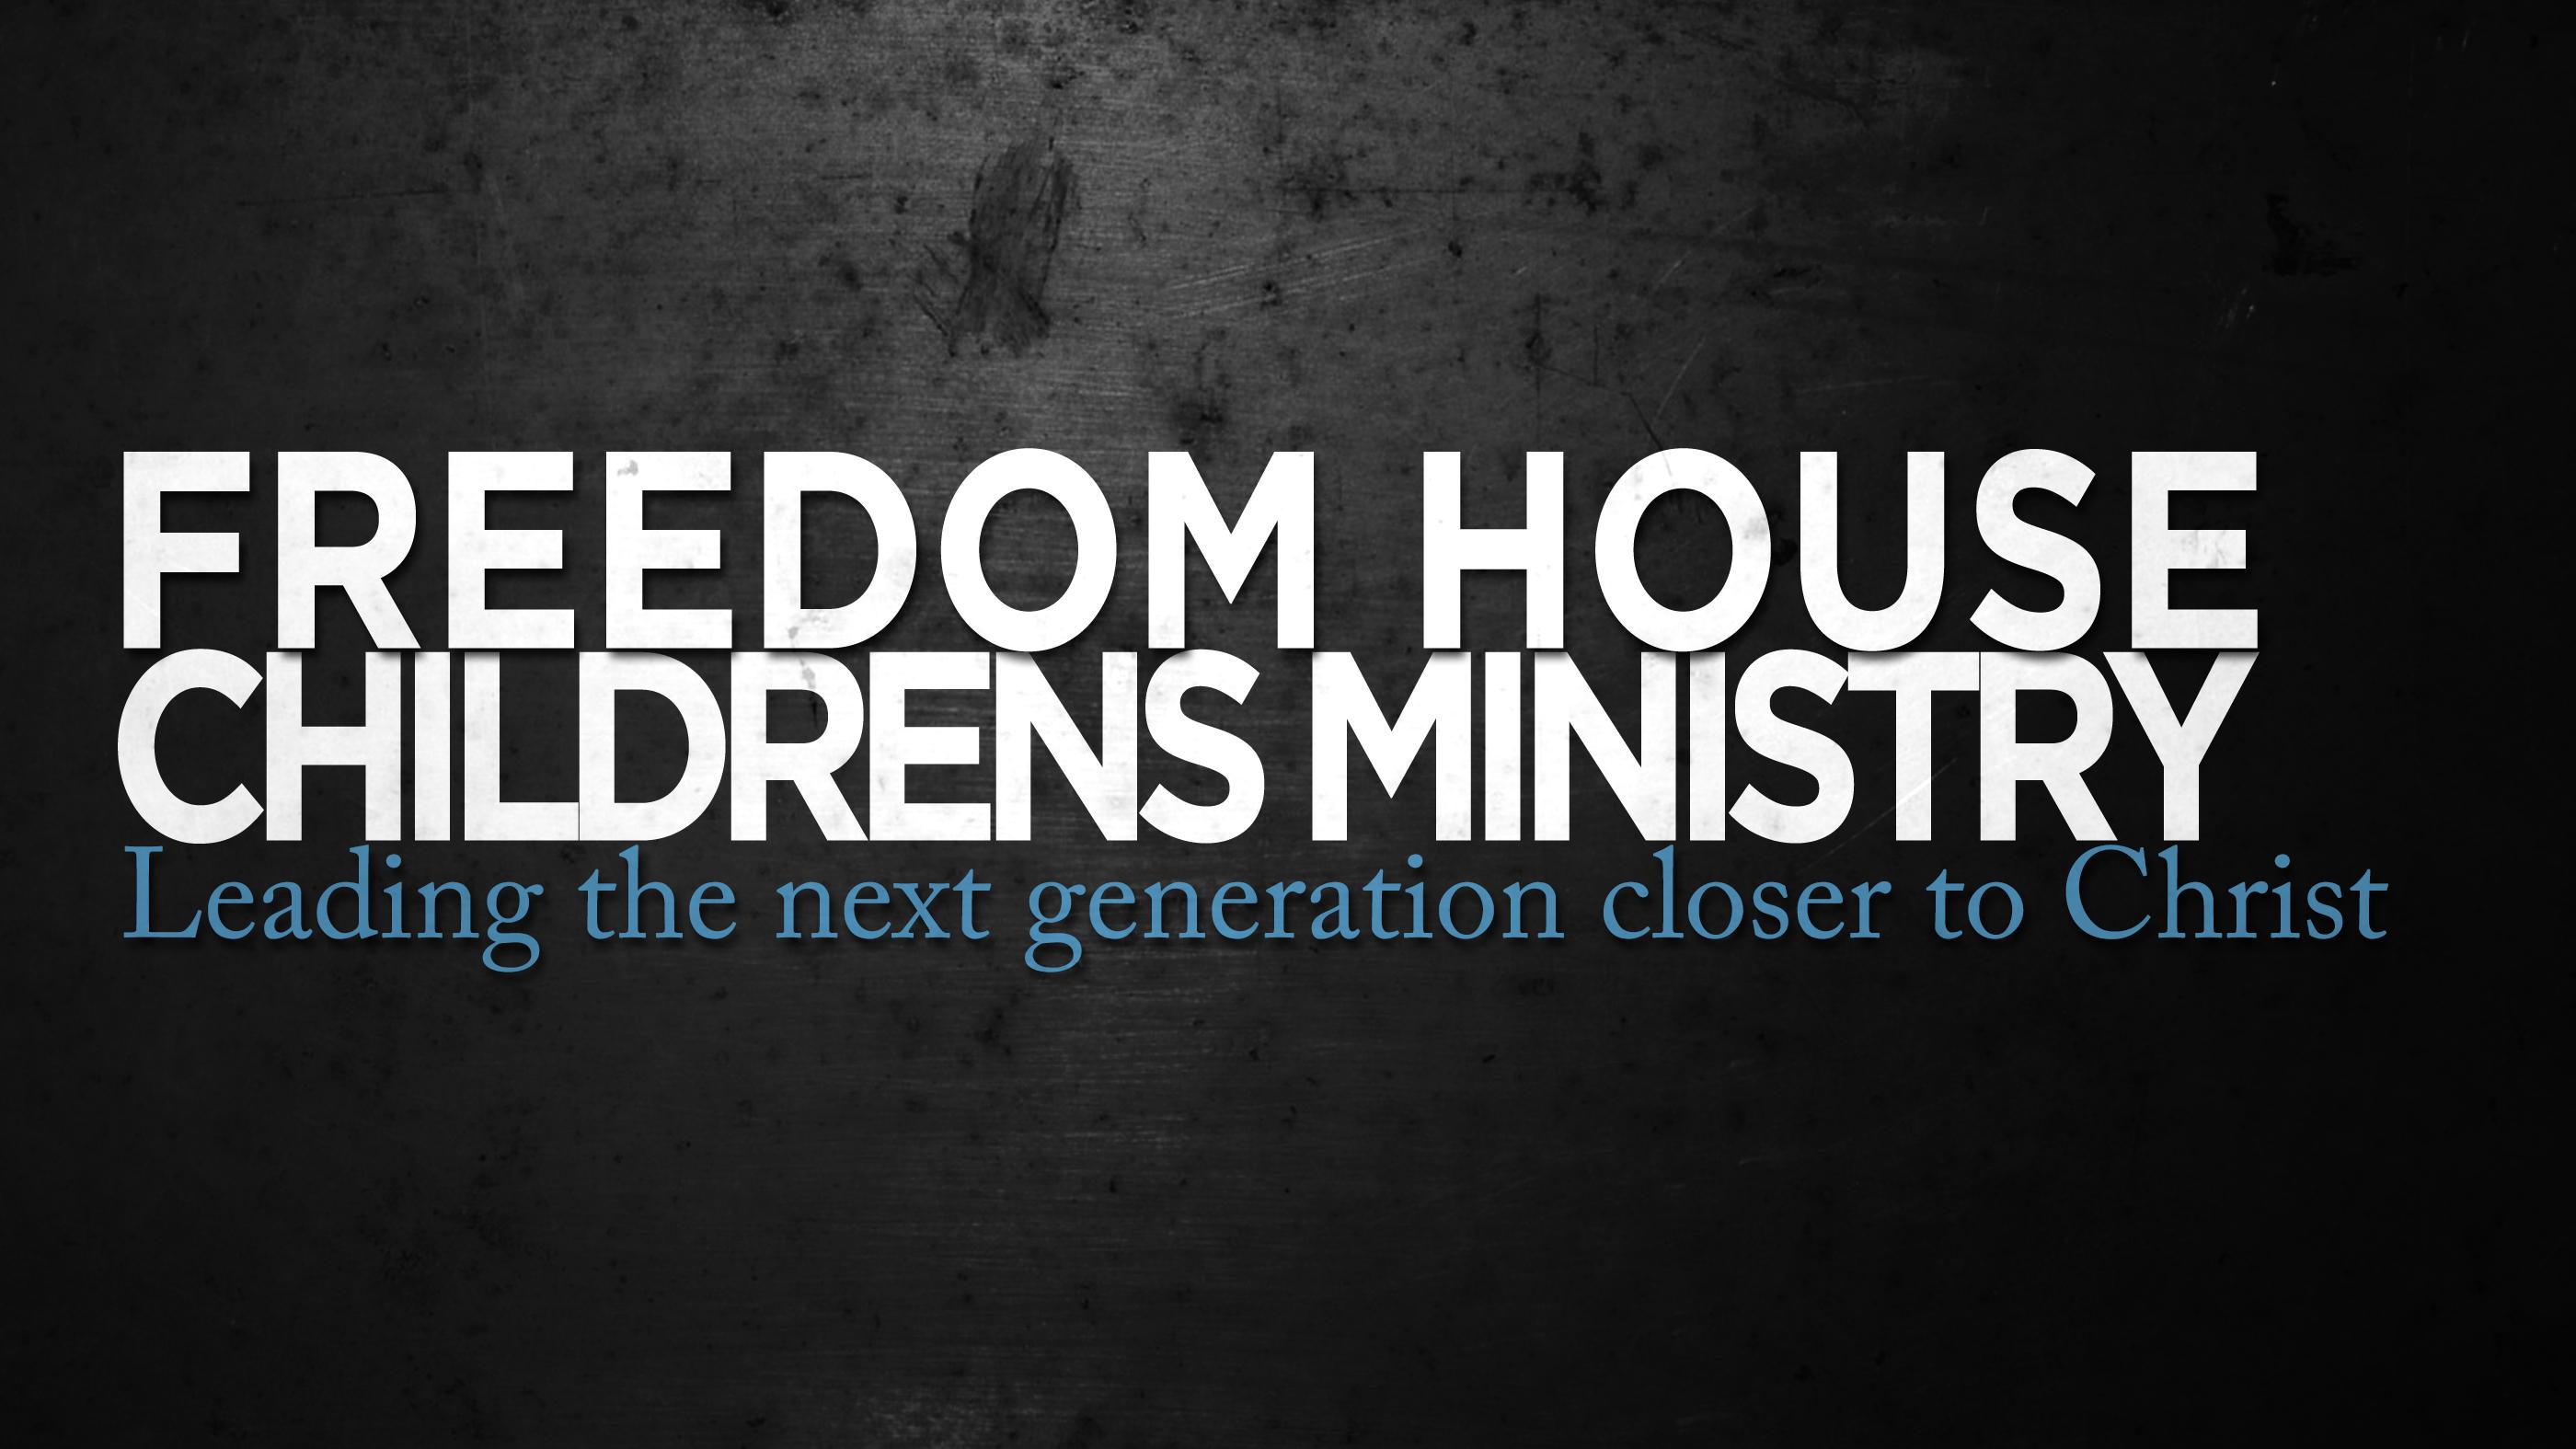 Freedom House Kidz